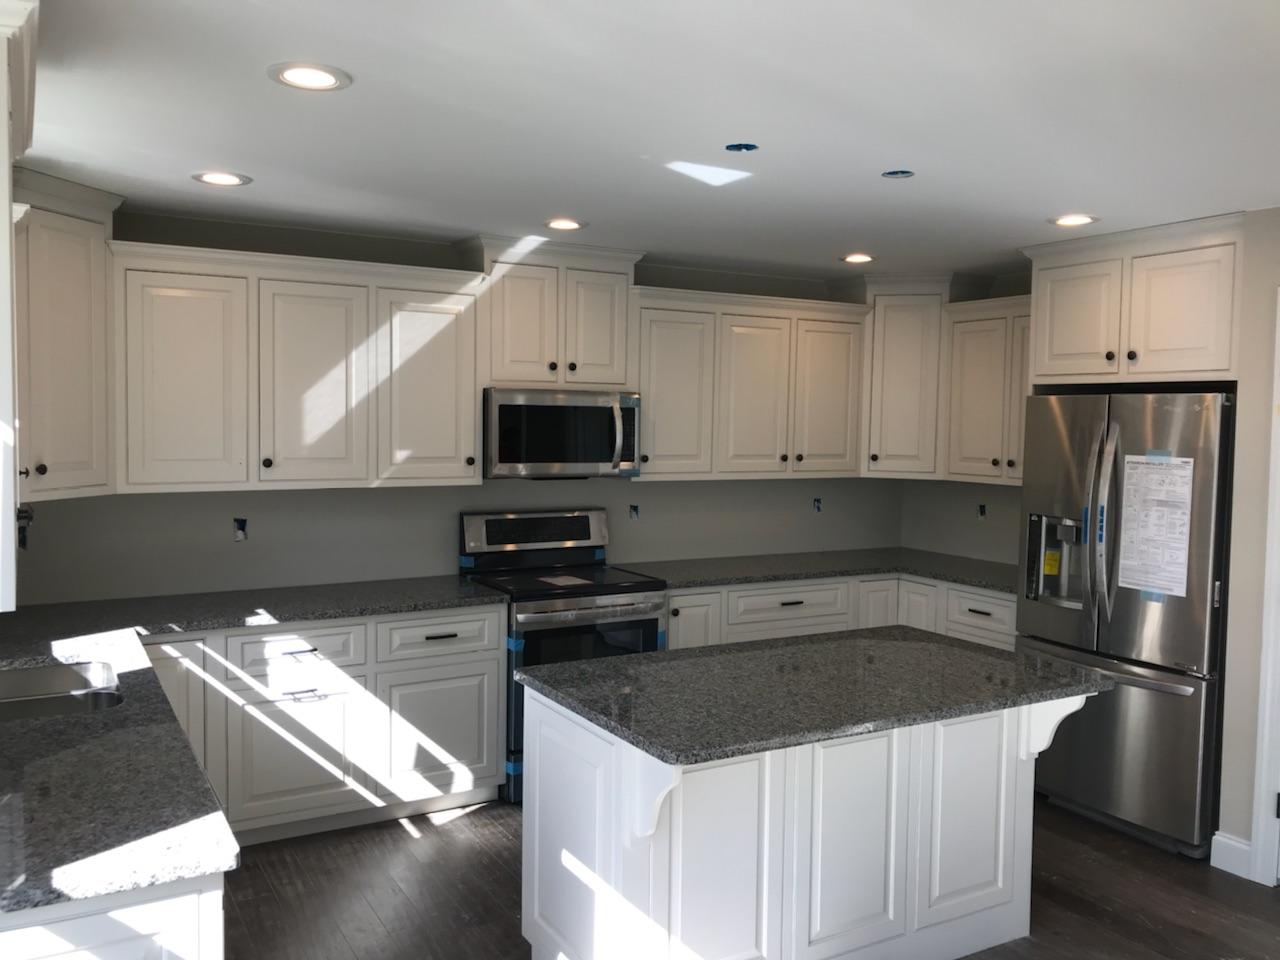 17 - kitchen 3.jpg